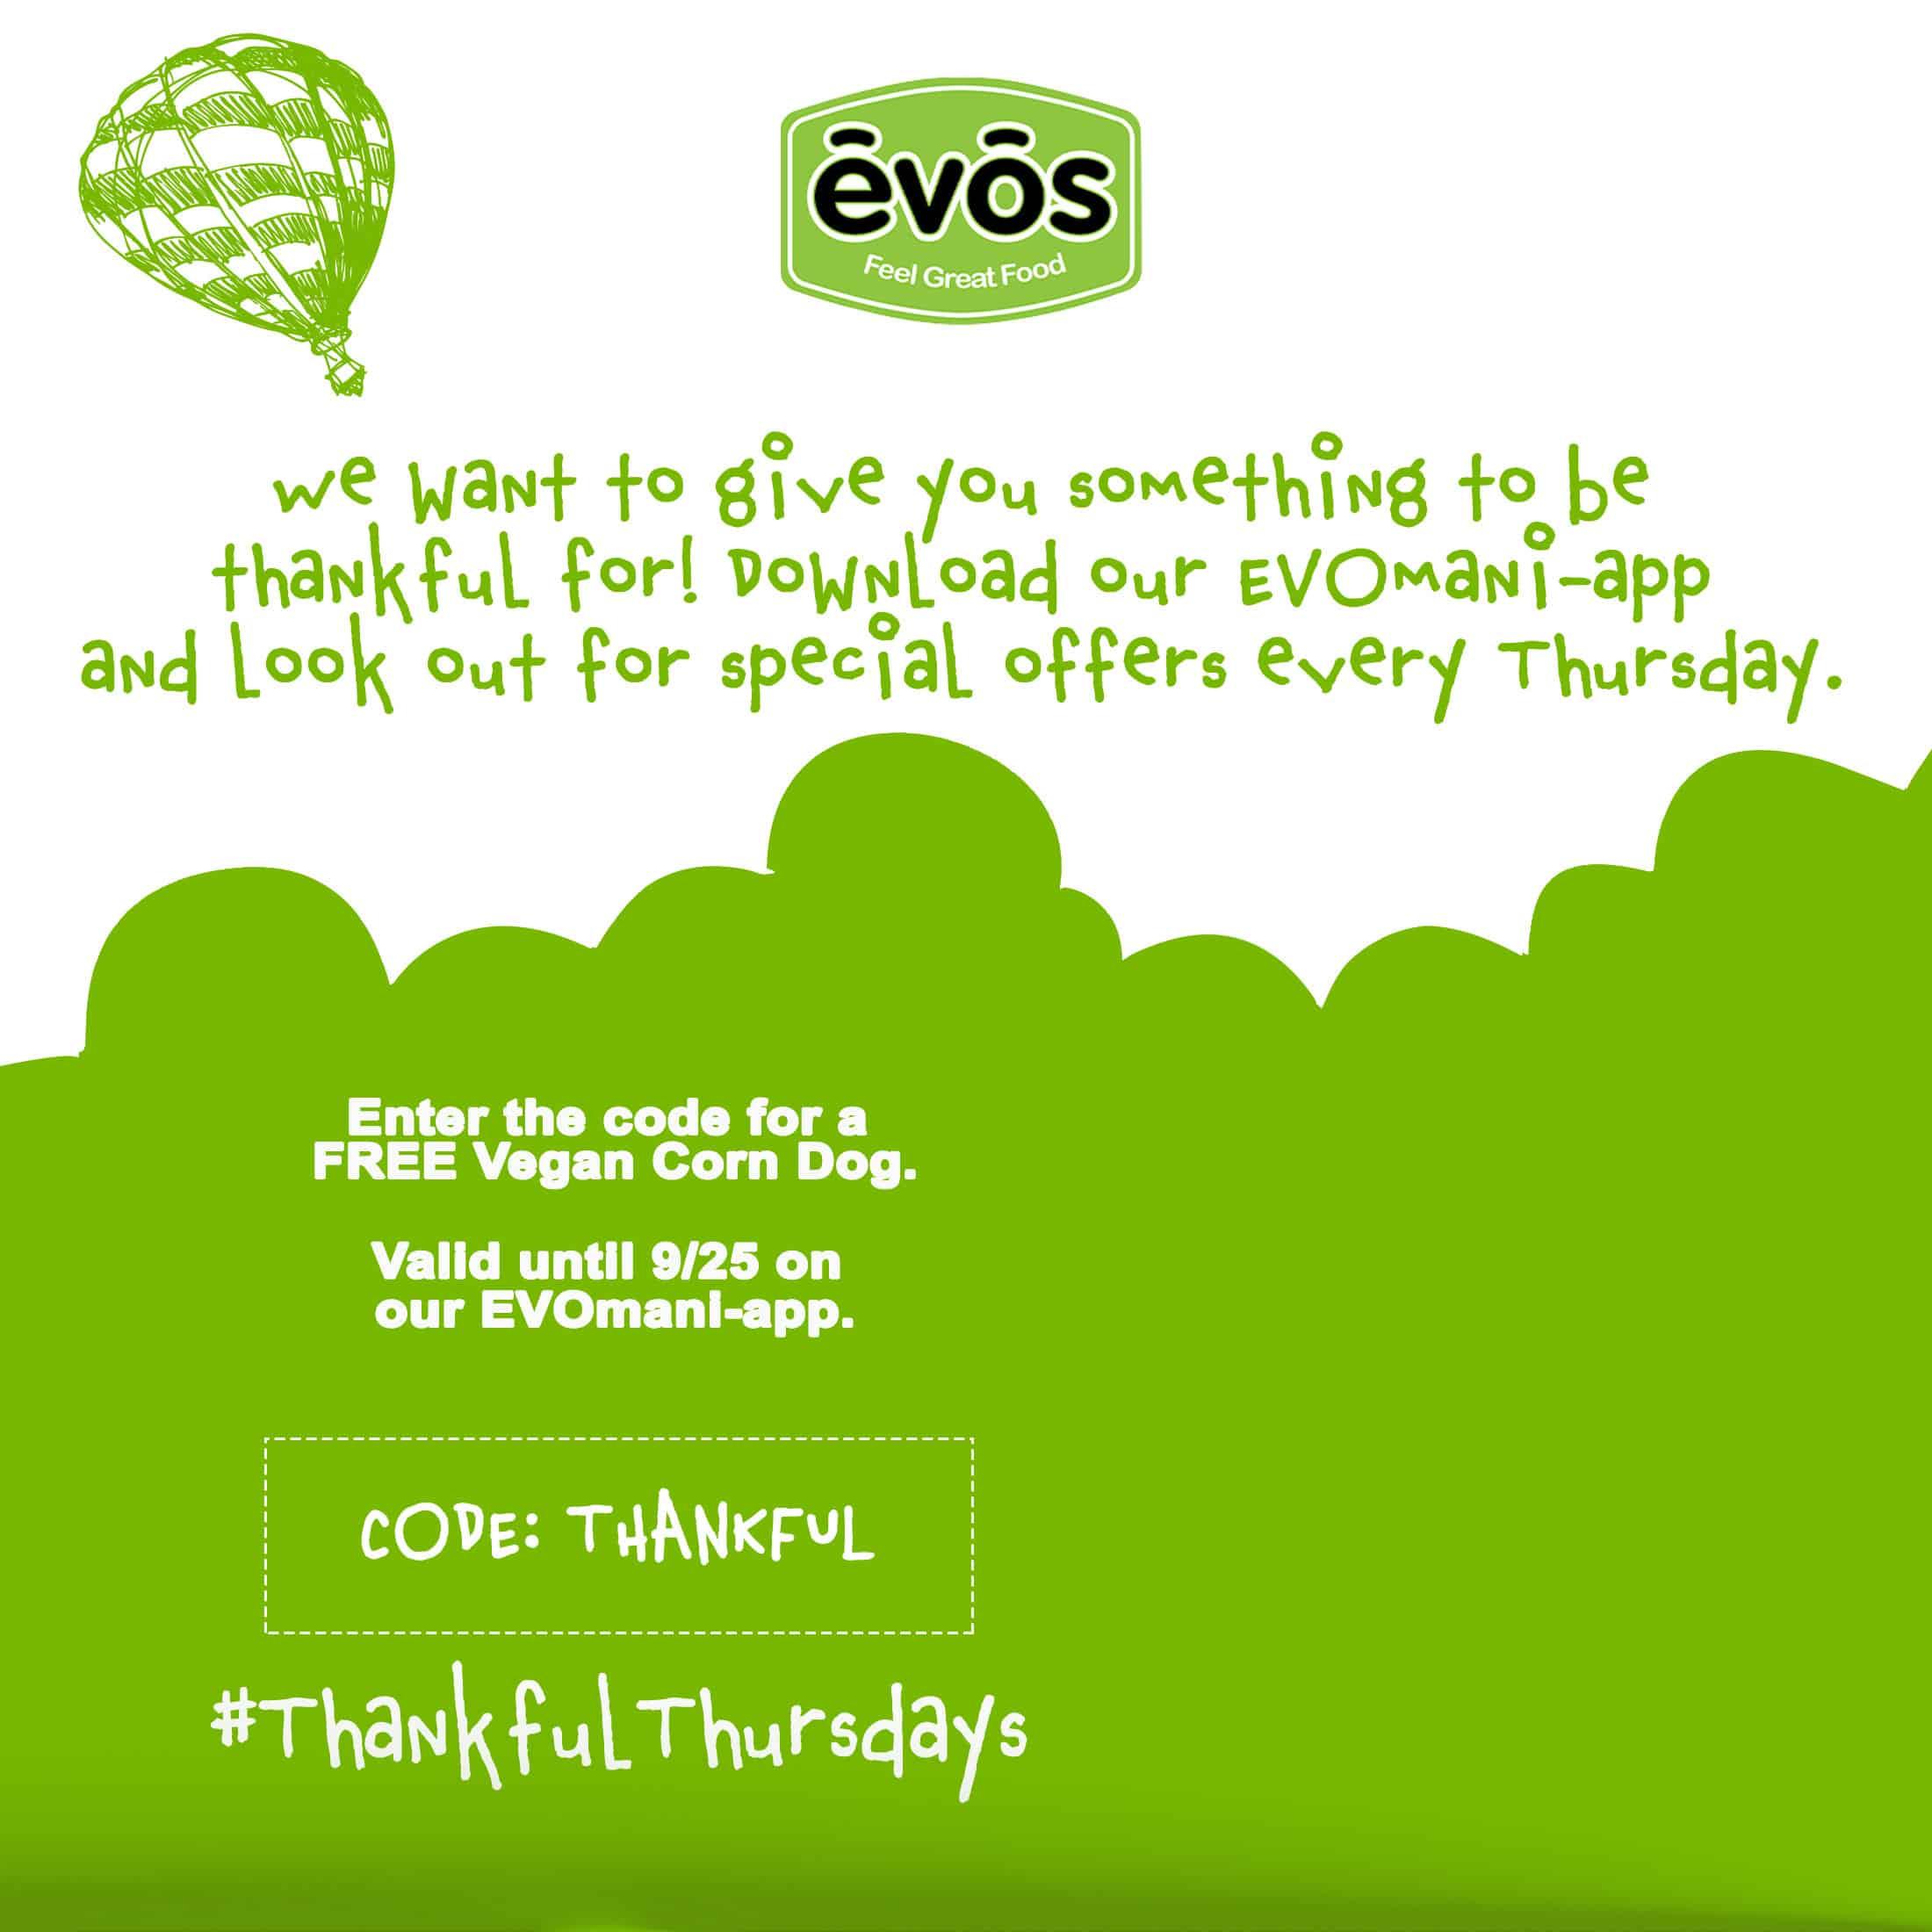 EVOS Popup Thankful Thursdays